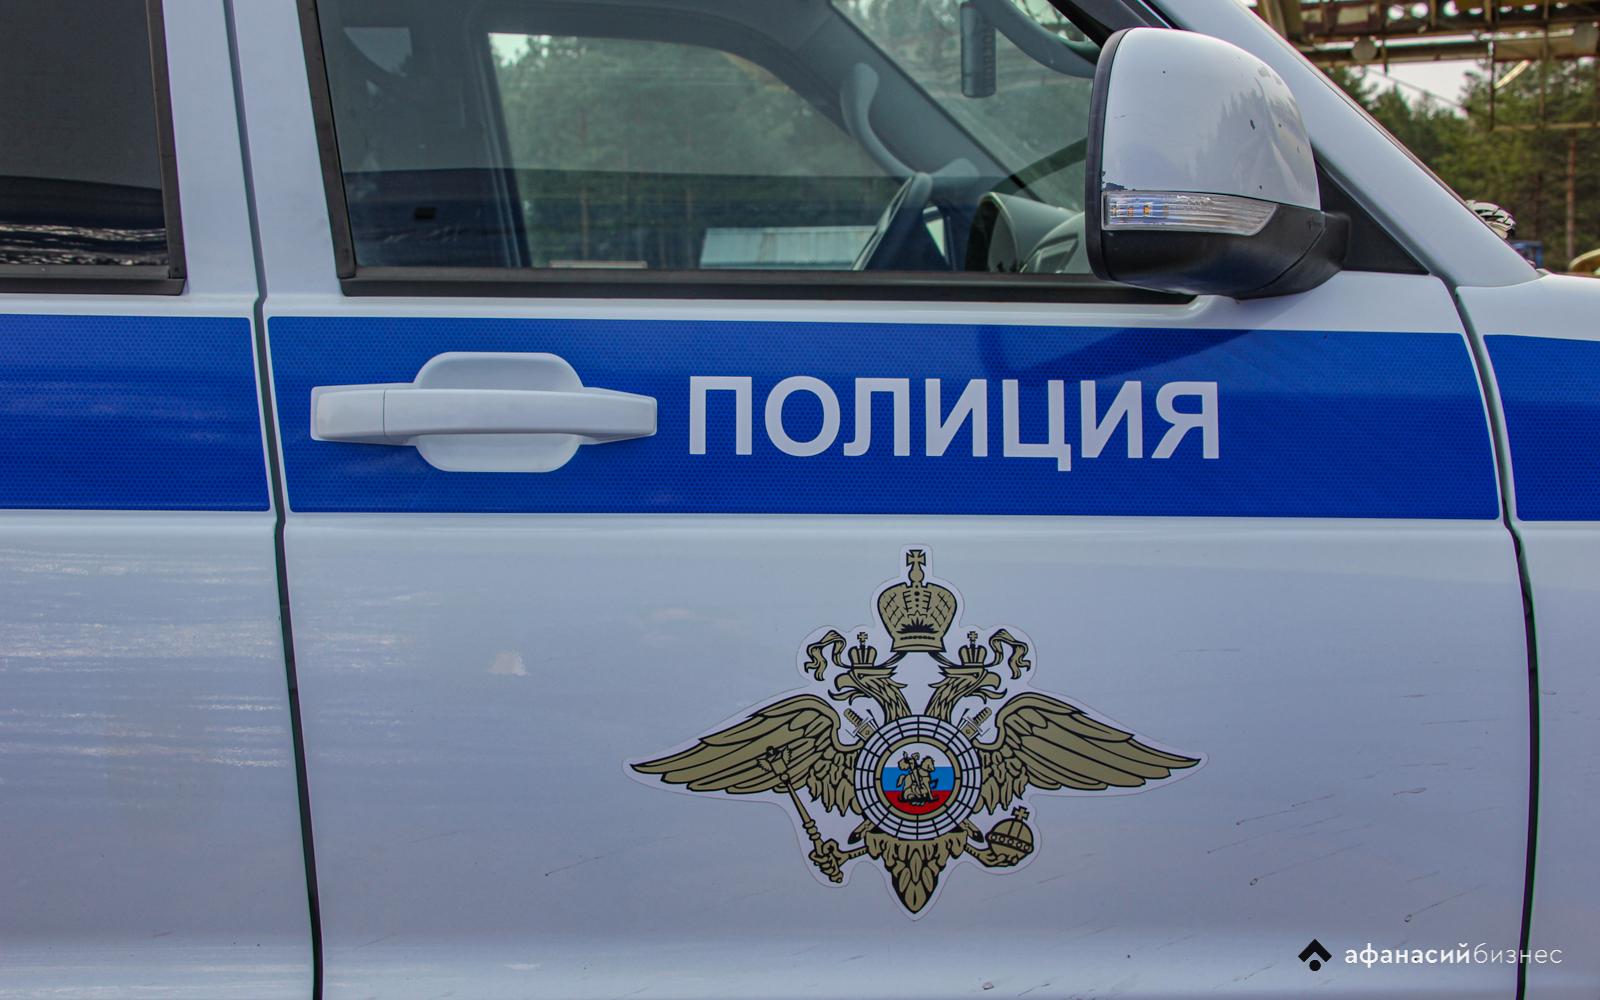 Более 4 миллионов рублей отдала аферисту жительница Тверской области - новости Афанасий